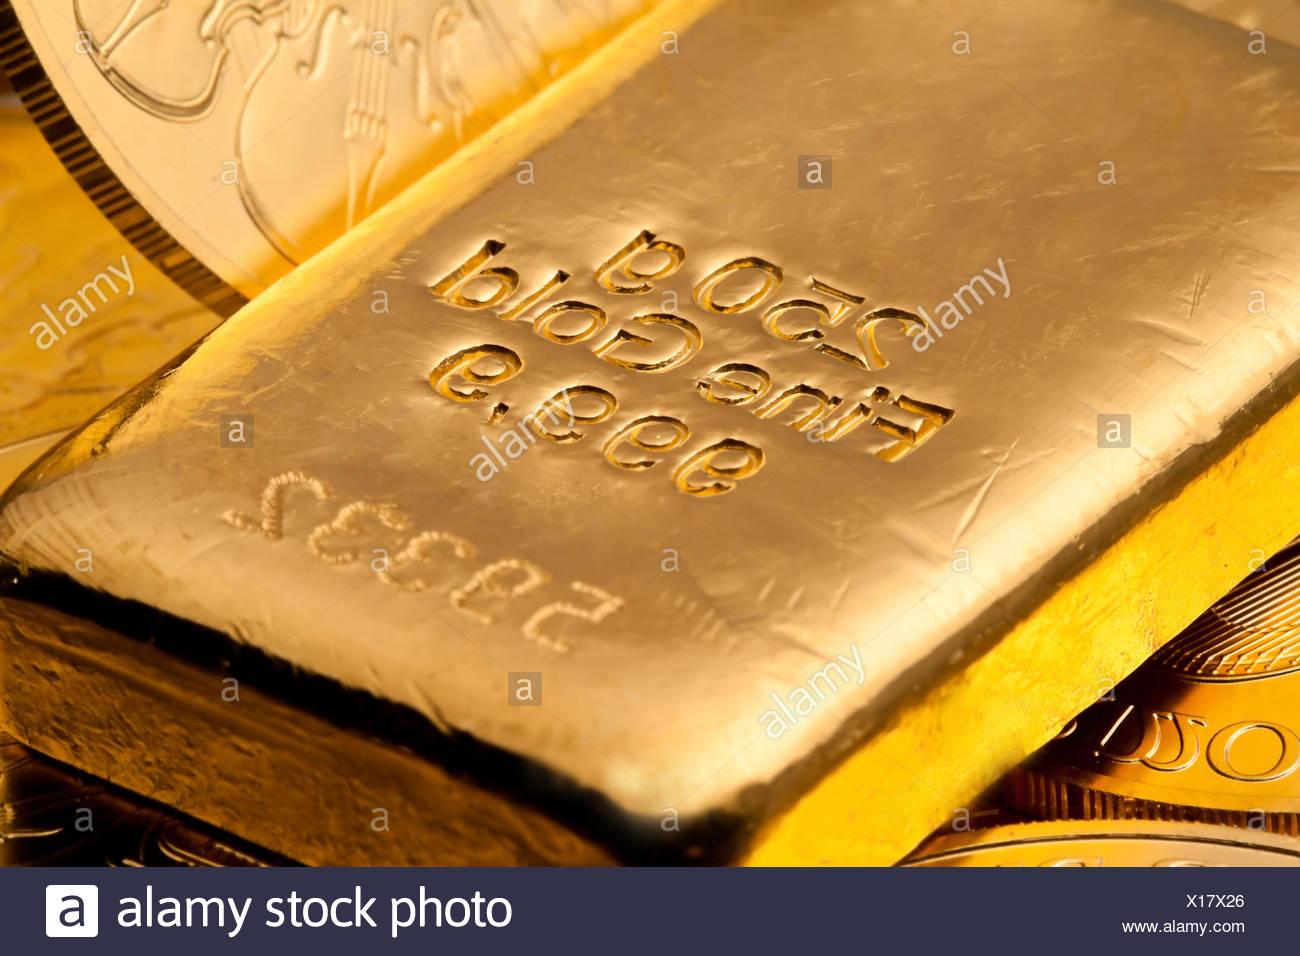 Gold Bar Stock Photos Amp Gold Bar Stock Images Alamy